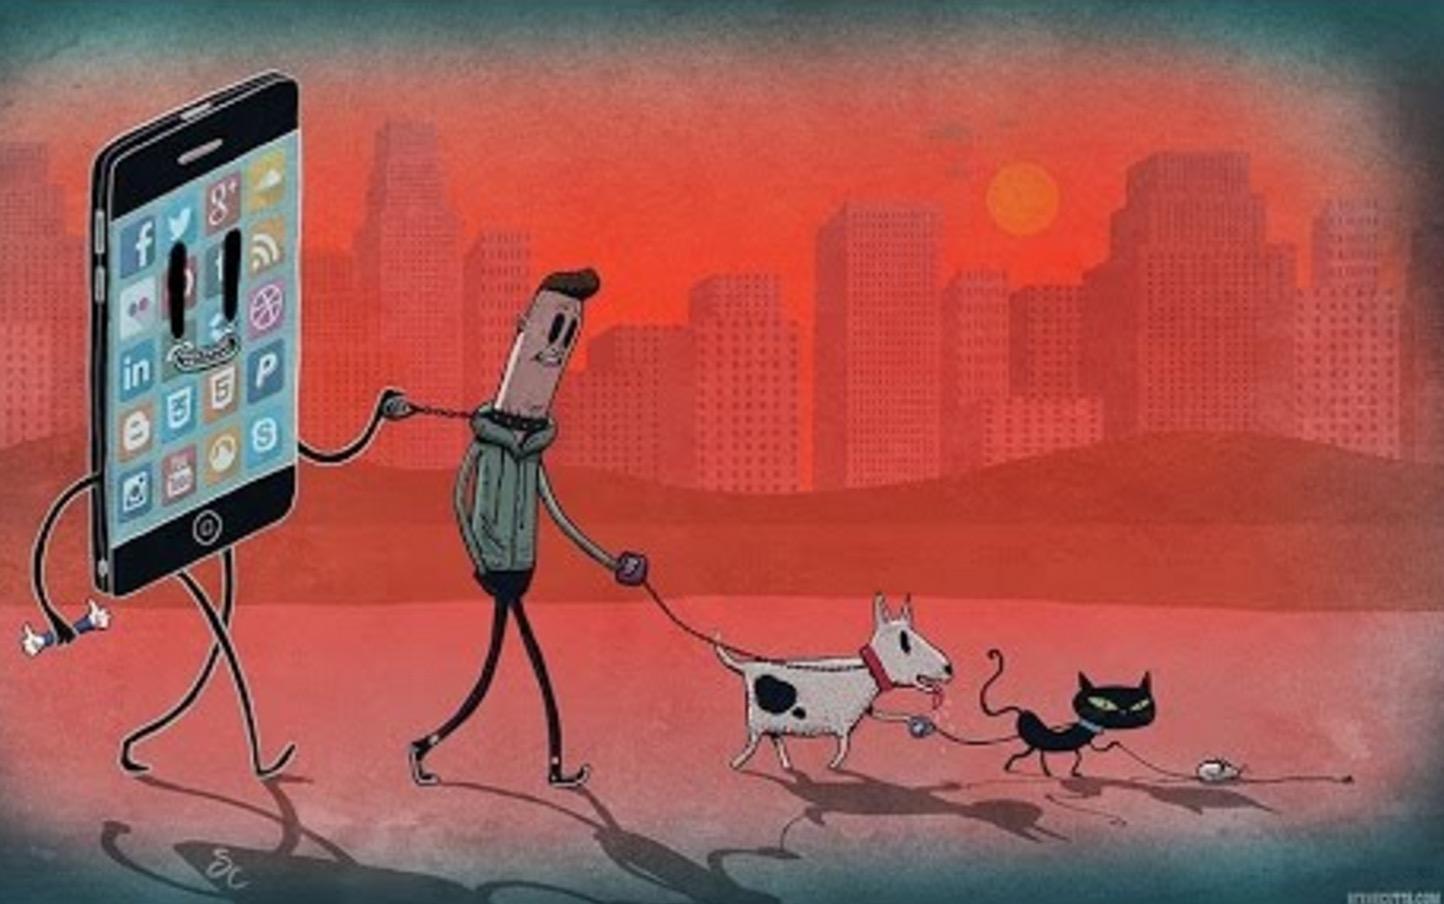 【閲覧注意】現代社会に警笛を鳴らす!元広告代理店勤務アーティストのイラストがエグい